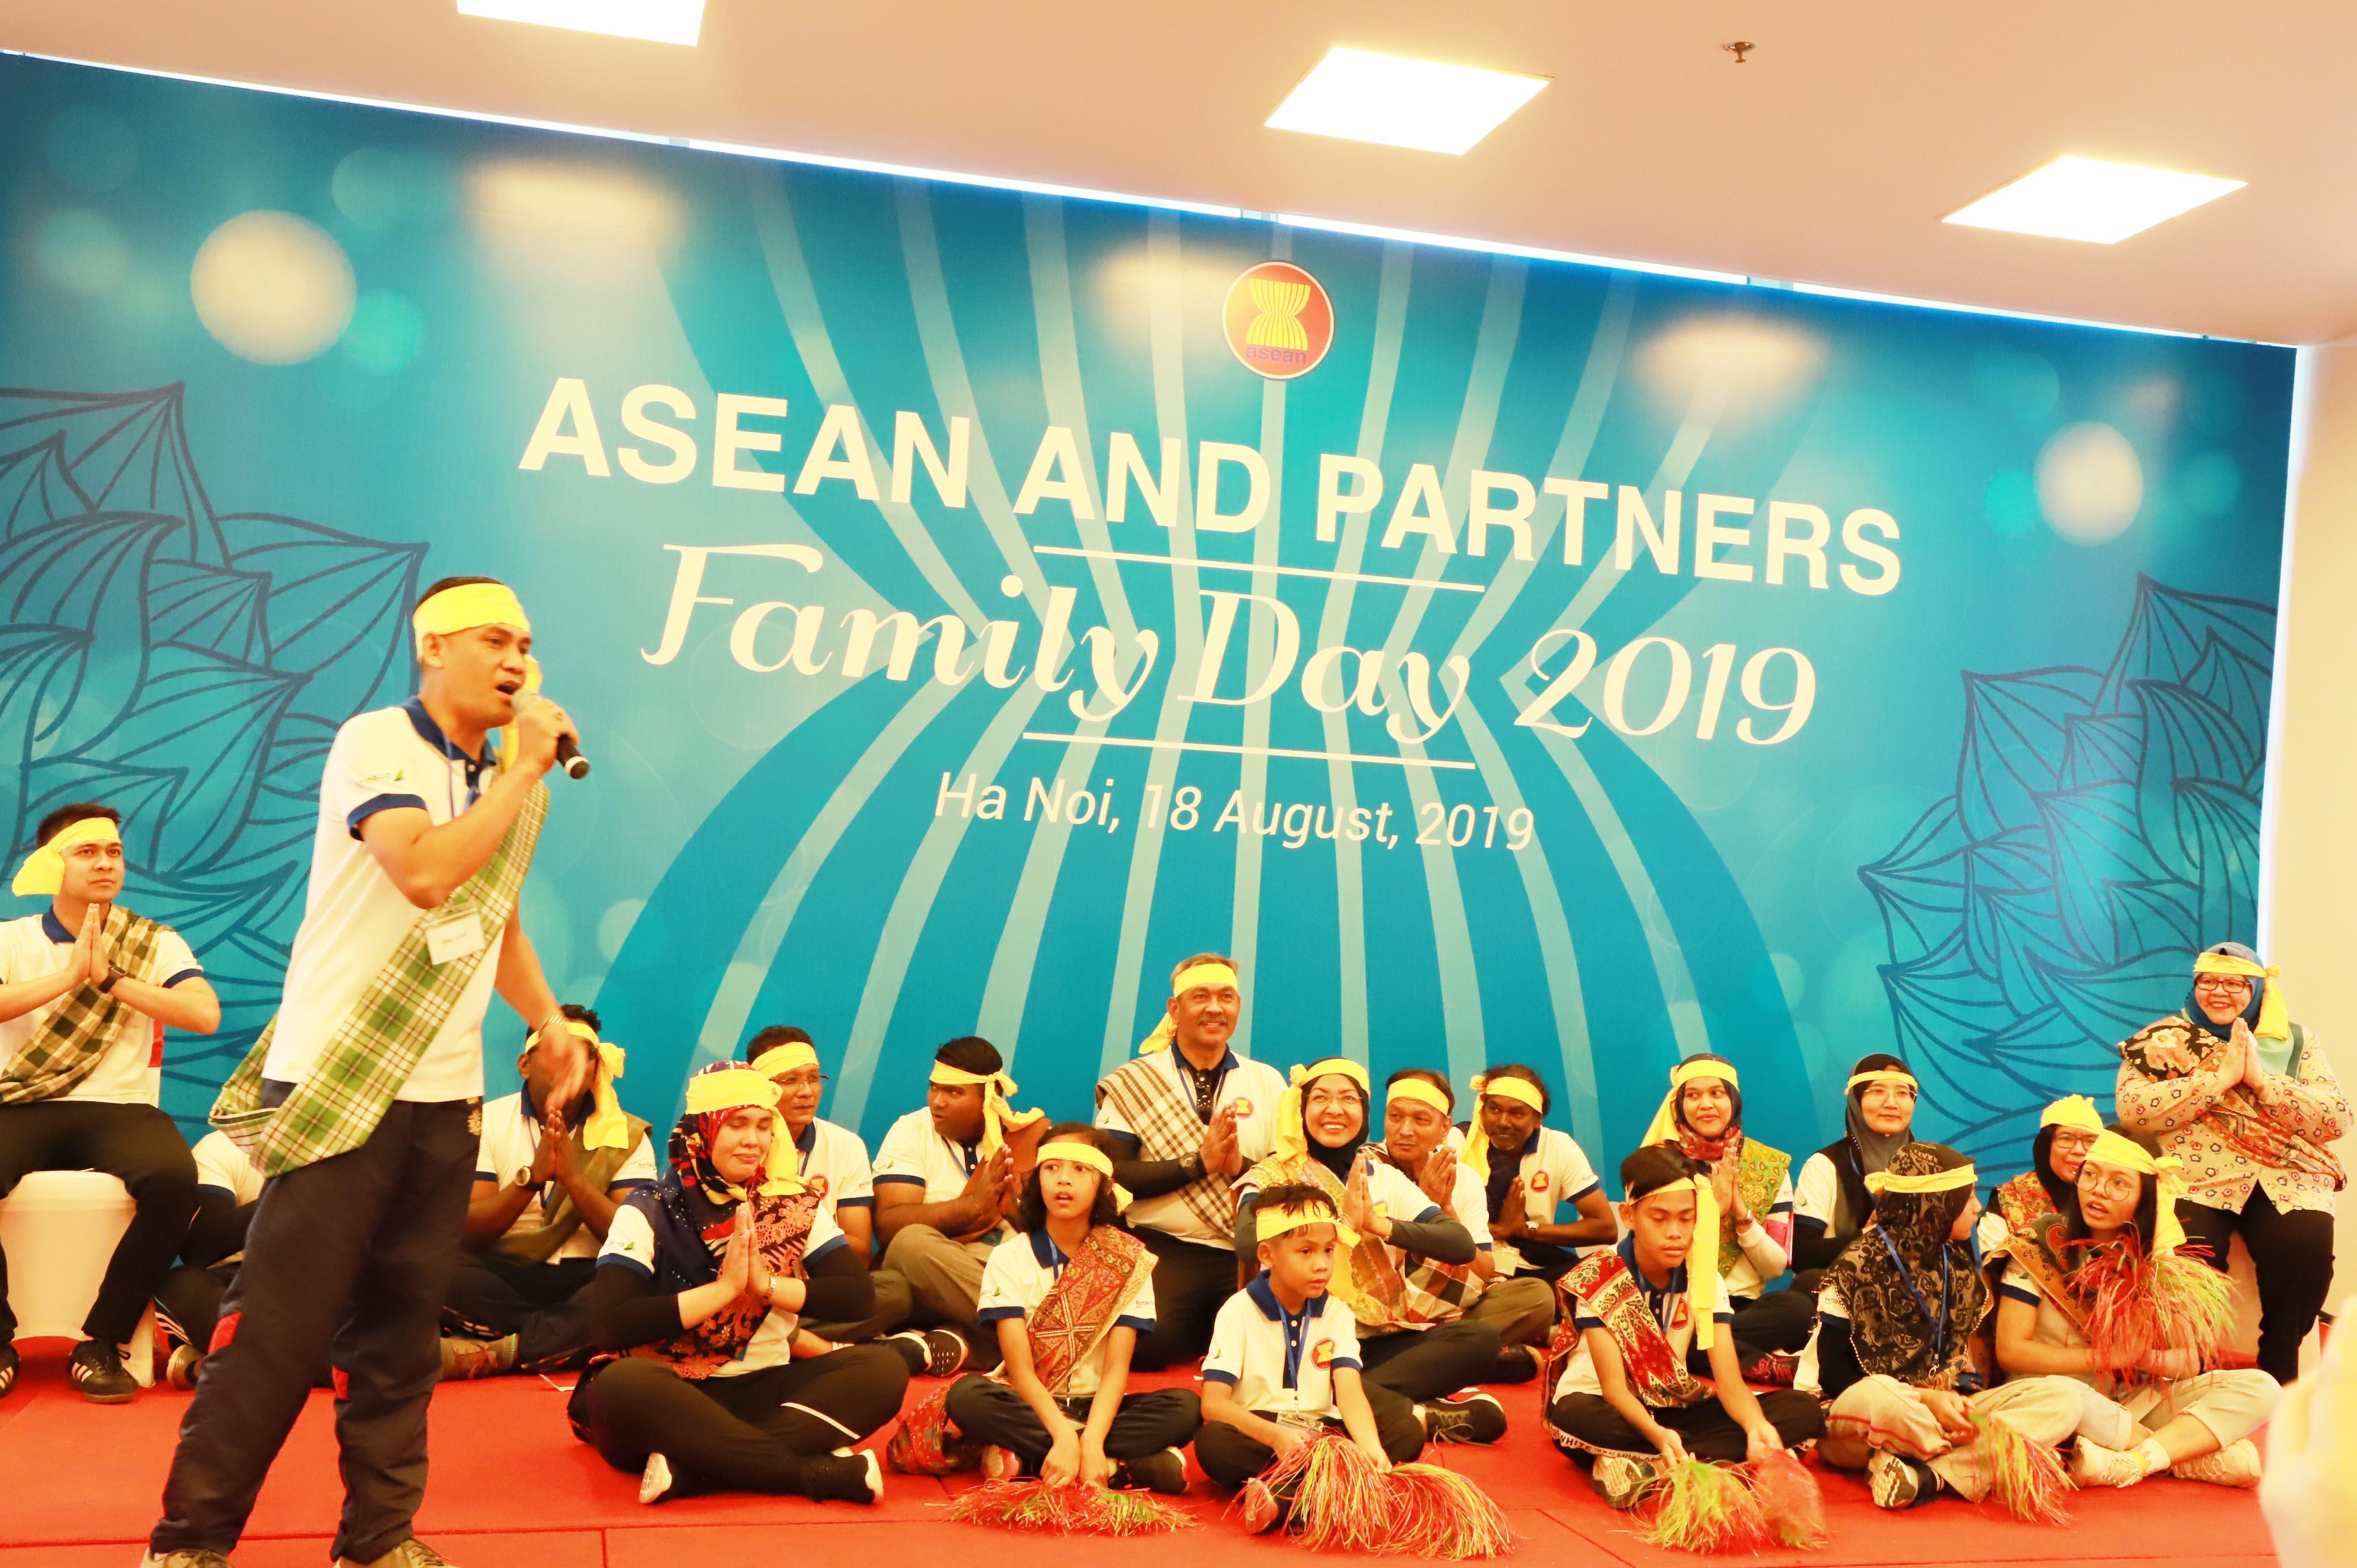 Các đại biểu và khách mời đều hứng khởi, tích cực tham gia vào các hoạt động tập thể, khám phá ẩm thực truyền thống và thưởng thức các tiết mục văn hóa, văn nghệ đặc trưng của các quốc gia thành viên.